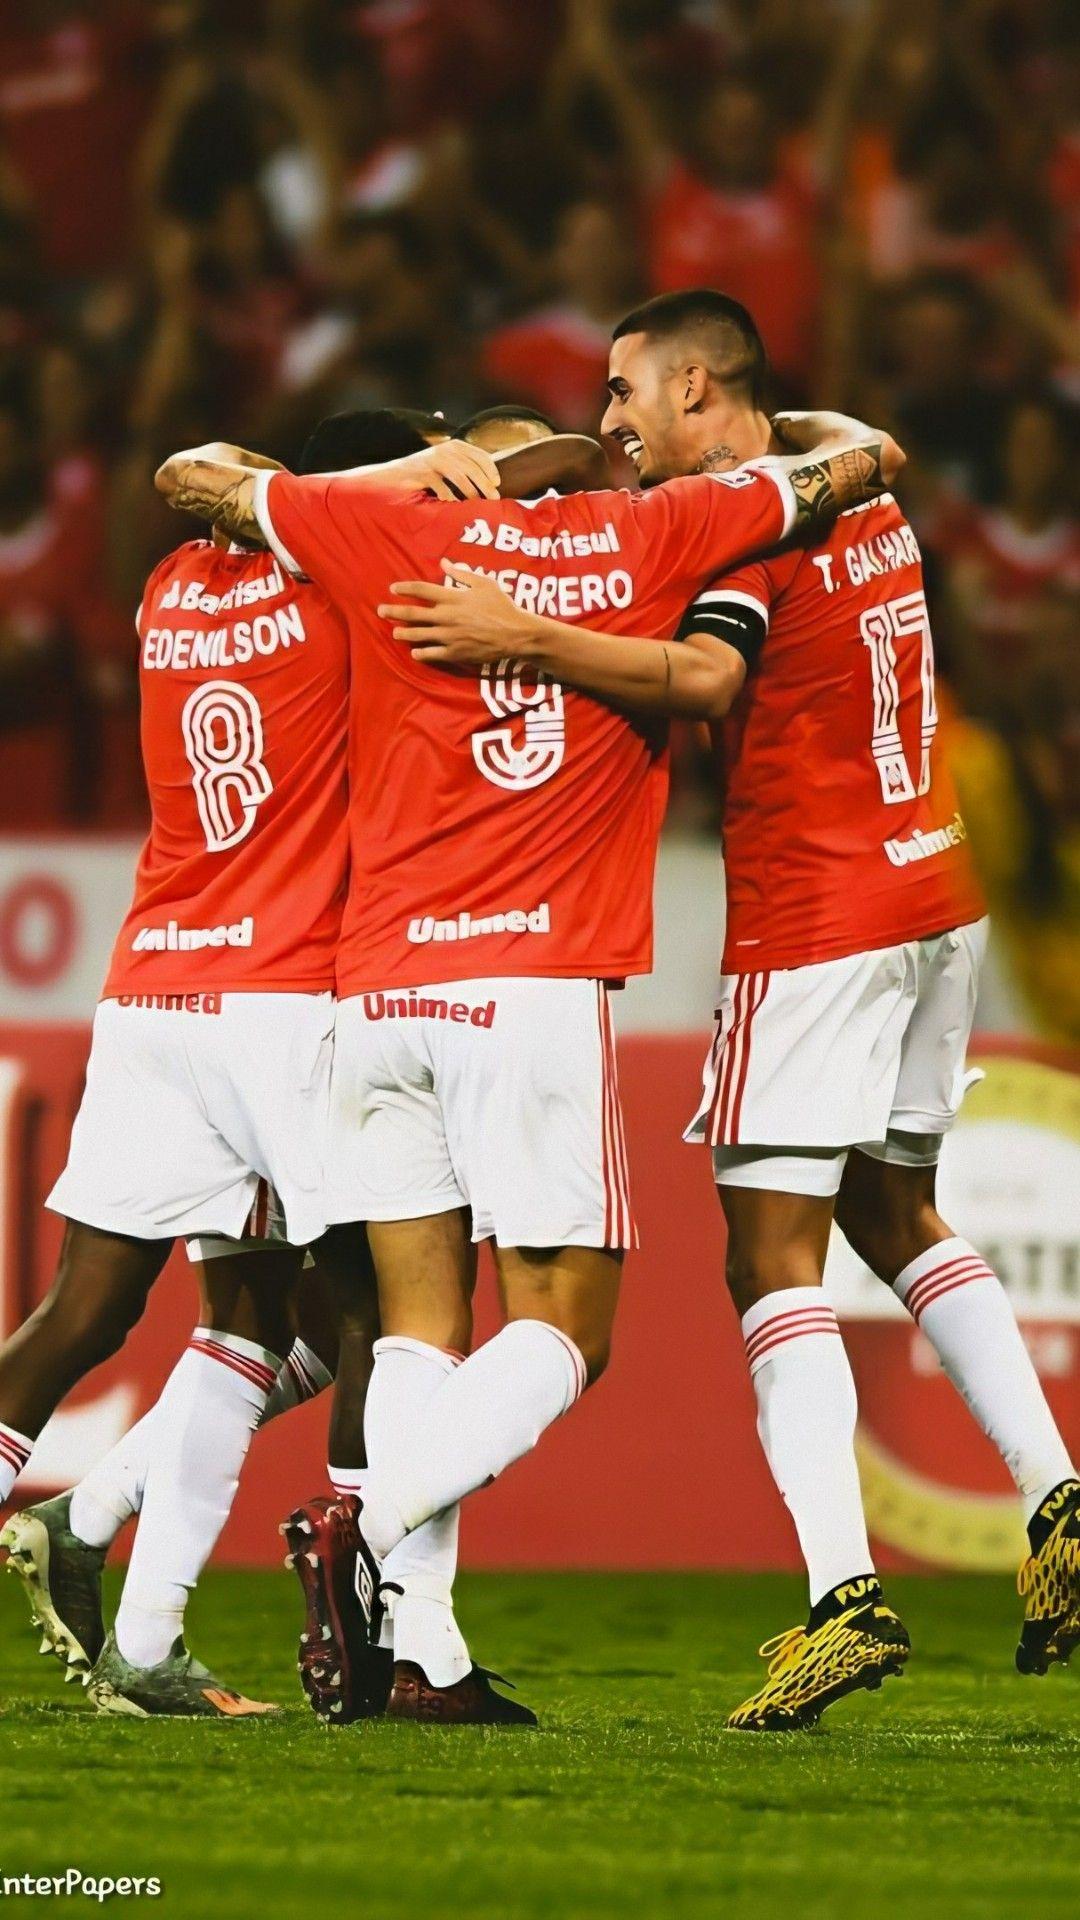 Jogadores Comemorando Internacional Futebol Clube Sport Clube Internacional Sport Clube